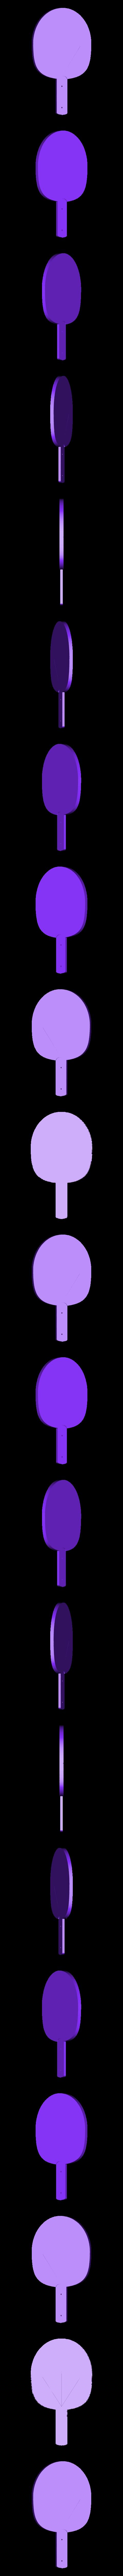 body_v2.stl Télécharger fichier STL gratuit Ping Pong tennis de table • Design pour impression 3D, 3D-mon